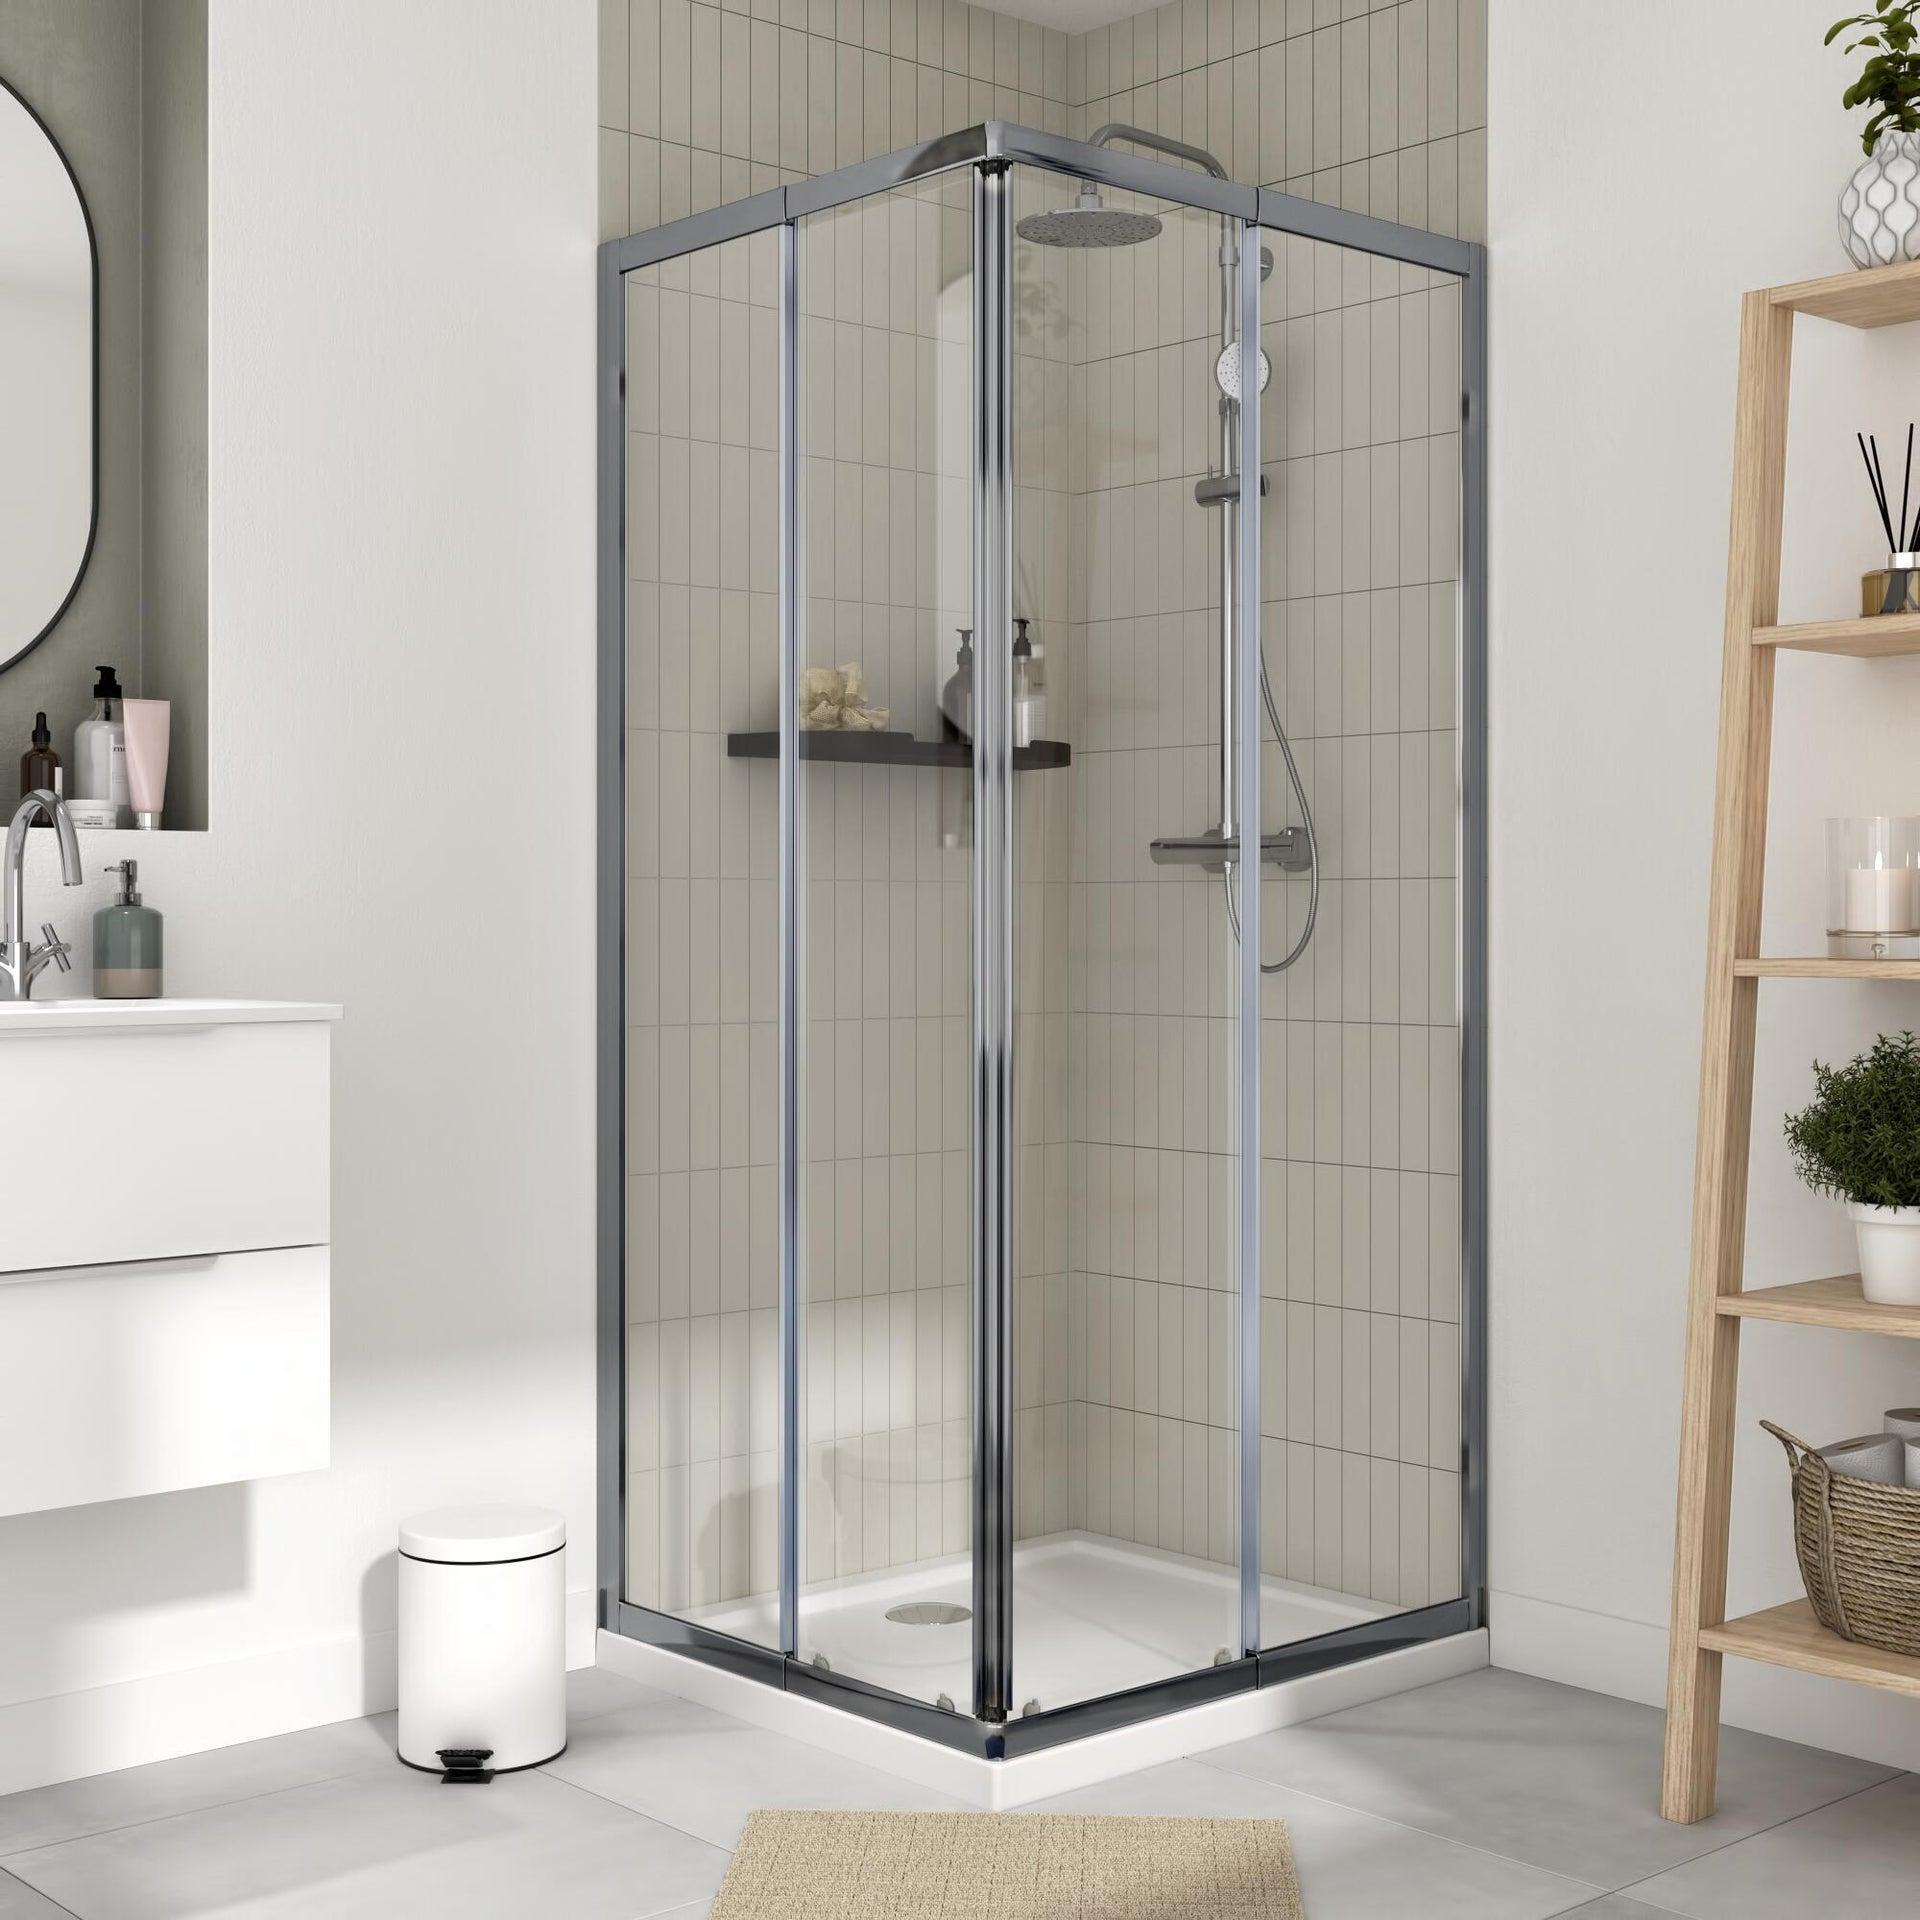 Box doccia rettangolare scorrevole Essential 70 x 100 cm, H 185 cm in vetro temprato, spessore 4 mm trasparente cromato - 1